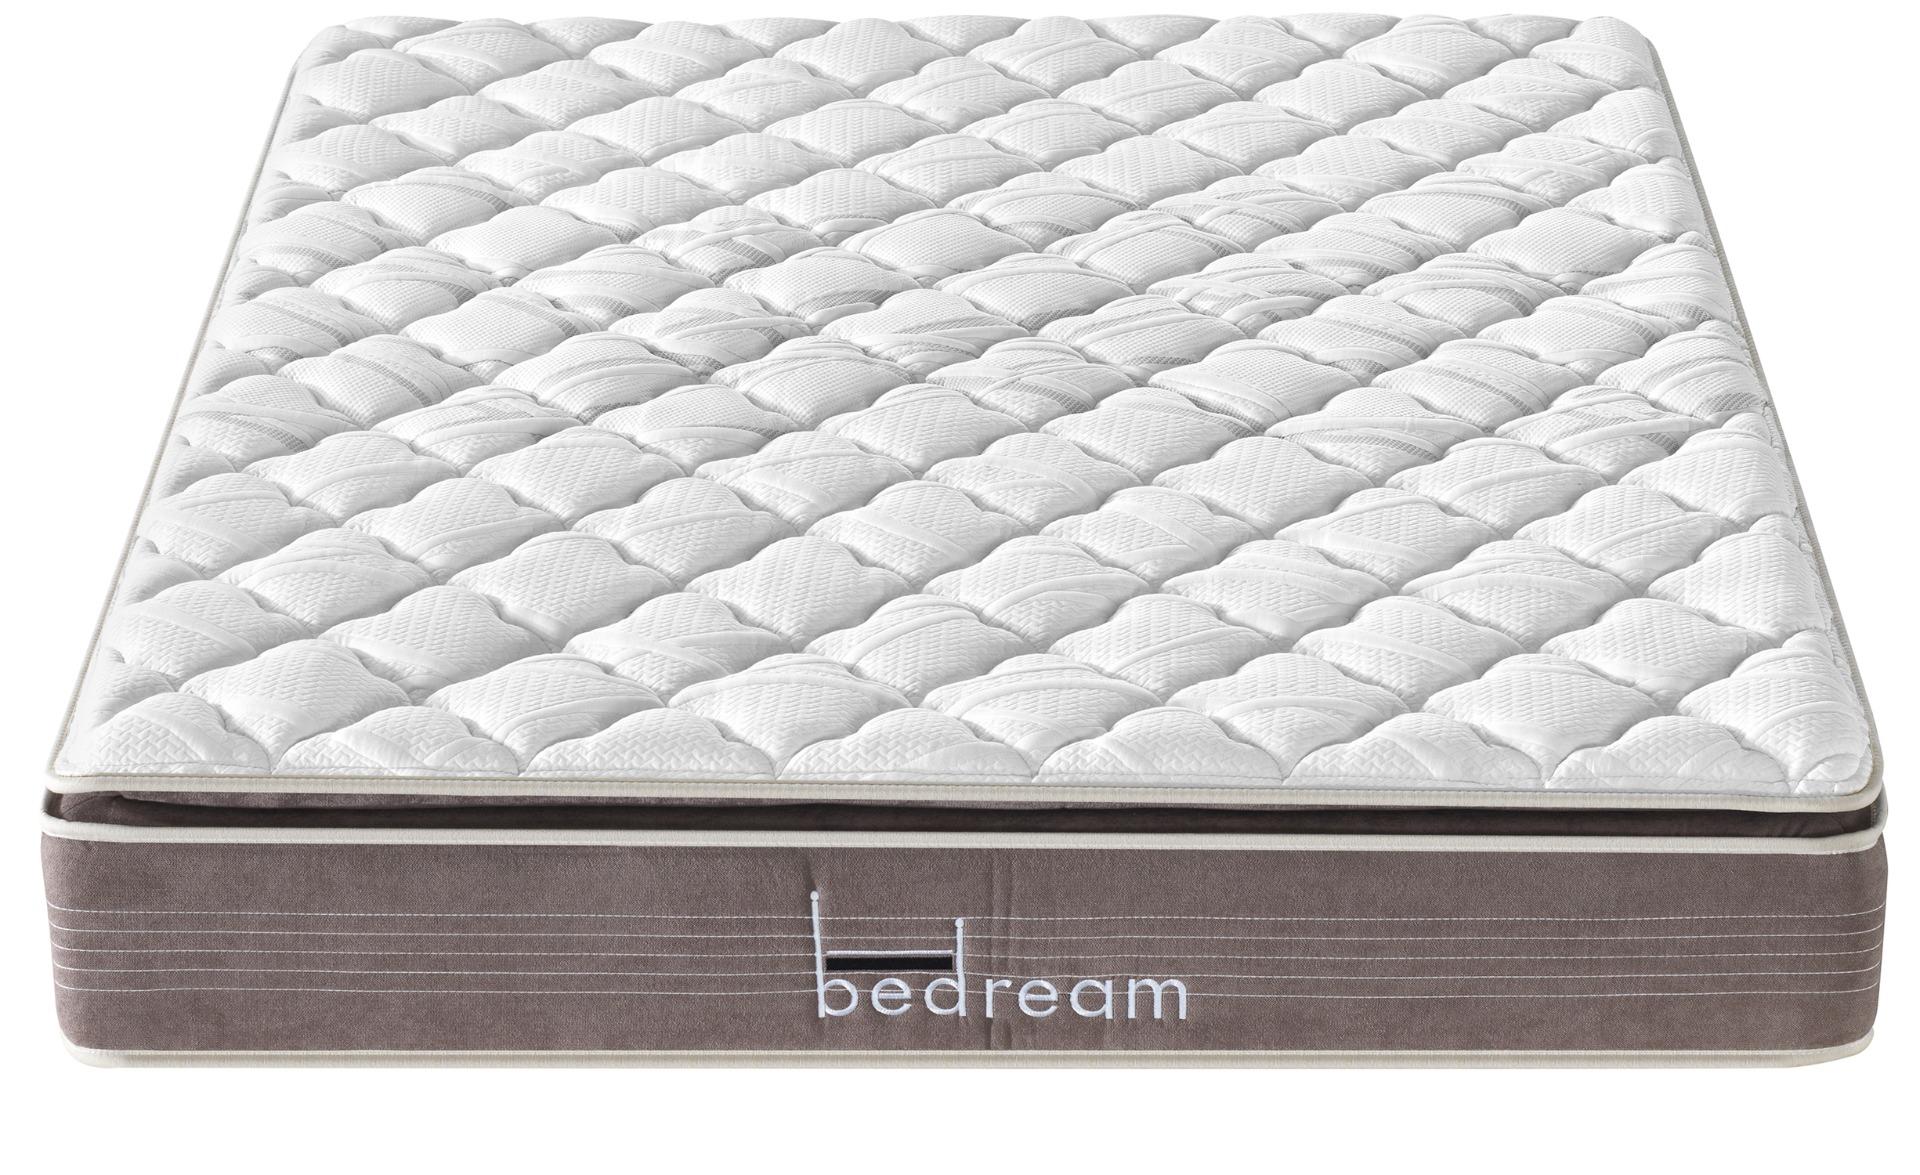 Materasso con mini molle insacchettate e memory form Bedream Deluxe 180x200cm